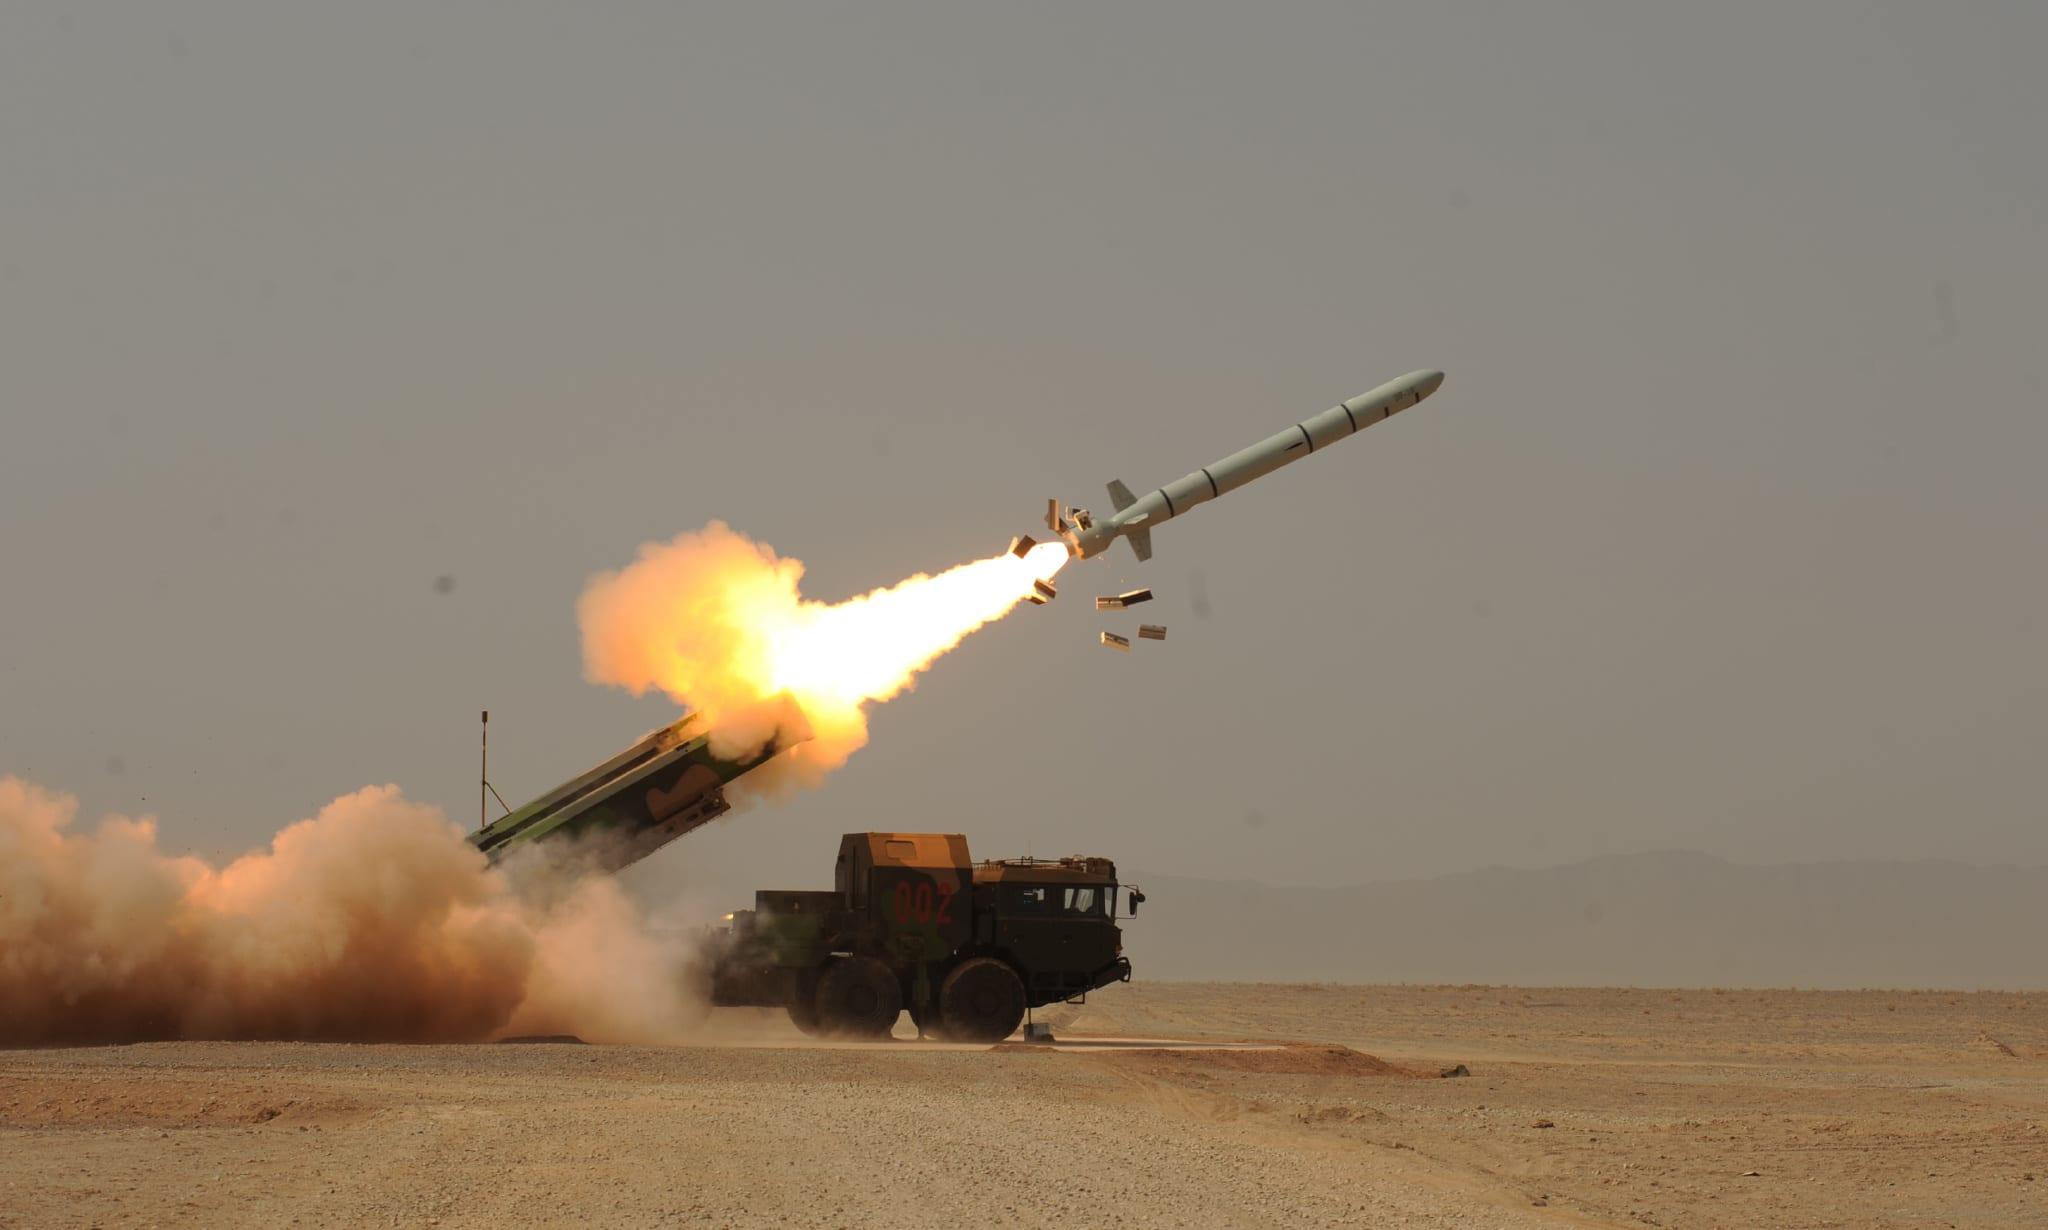 Un missile iranien «très probablement» responsable de l'écrasement d'avion selon les Américains